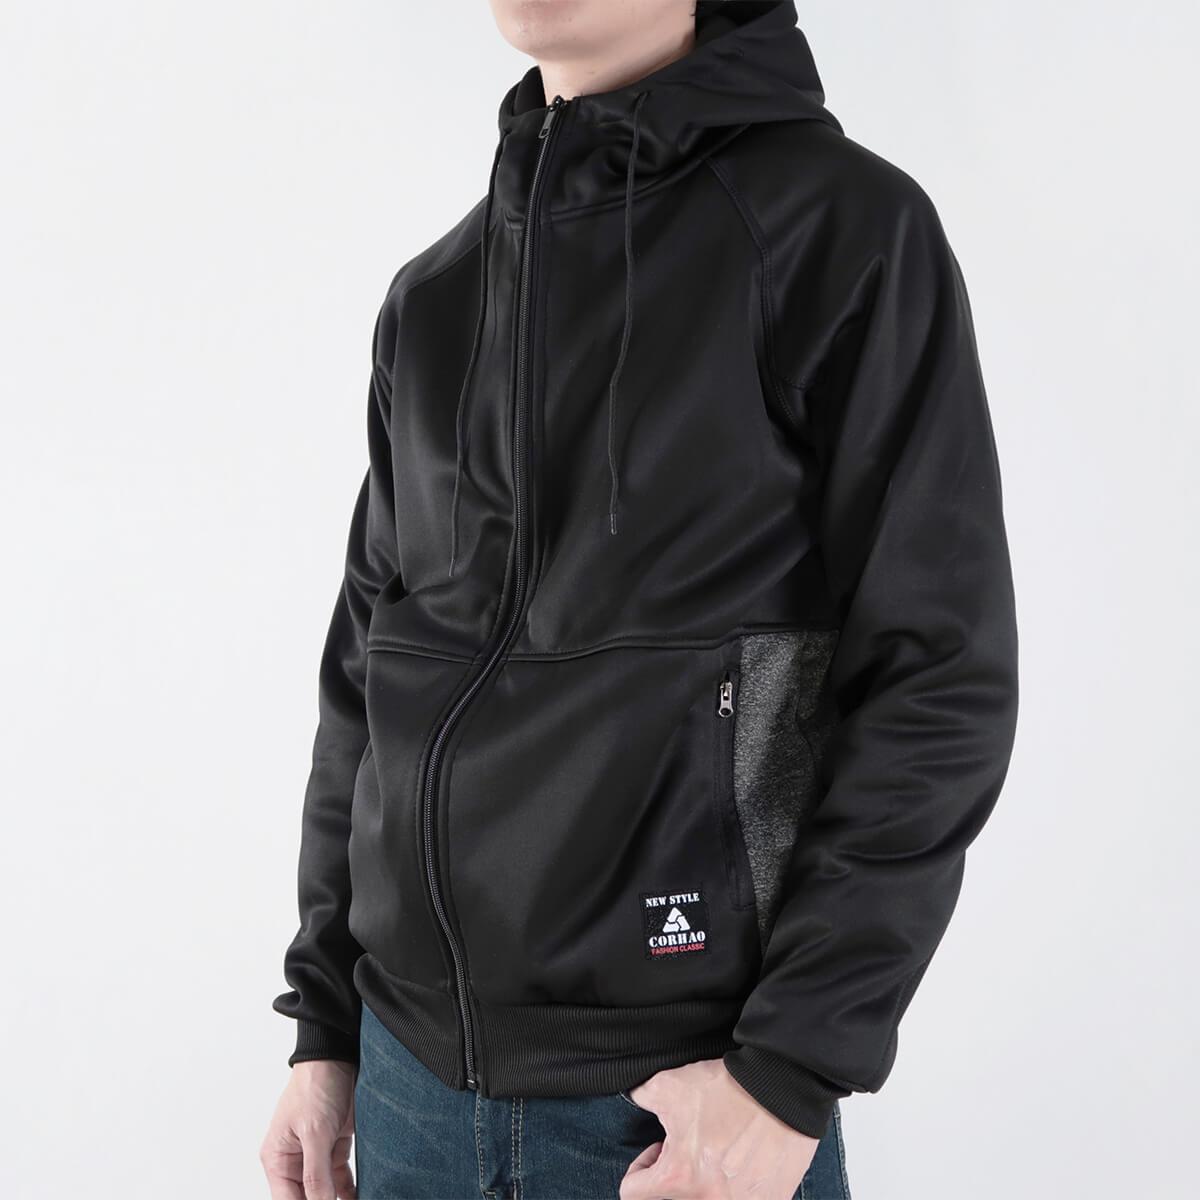 內刷毛連帽保暖外套 夾克外套 運動外套 休閒連帽外套 刷毛外套 黑色外套 時尚穿搭 WARM FLEECE LINED JACKETS (321-8916-01)淺灰色、(321-8916-02)深灰色、(321-8916-03)黑色 L XL 2L(胸圍46~50英吋) [實體店面保障] sun-e 8